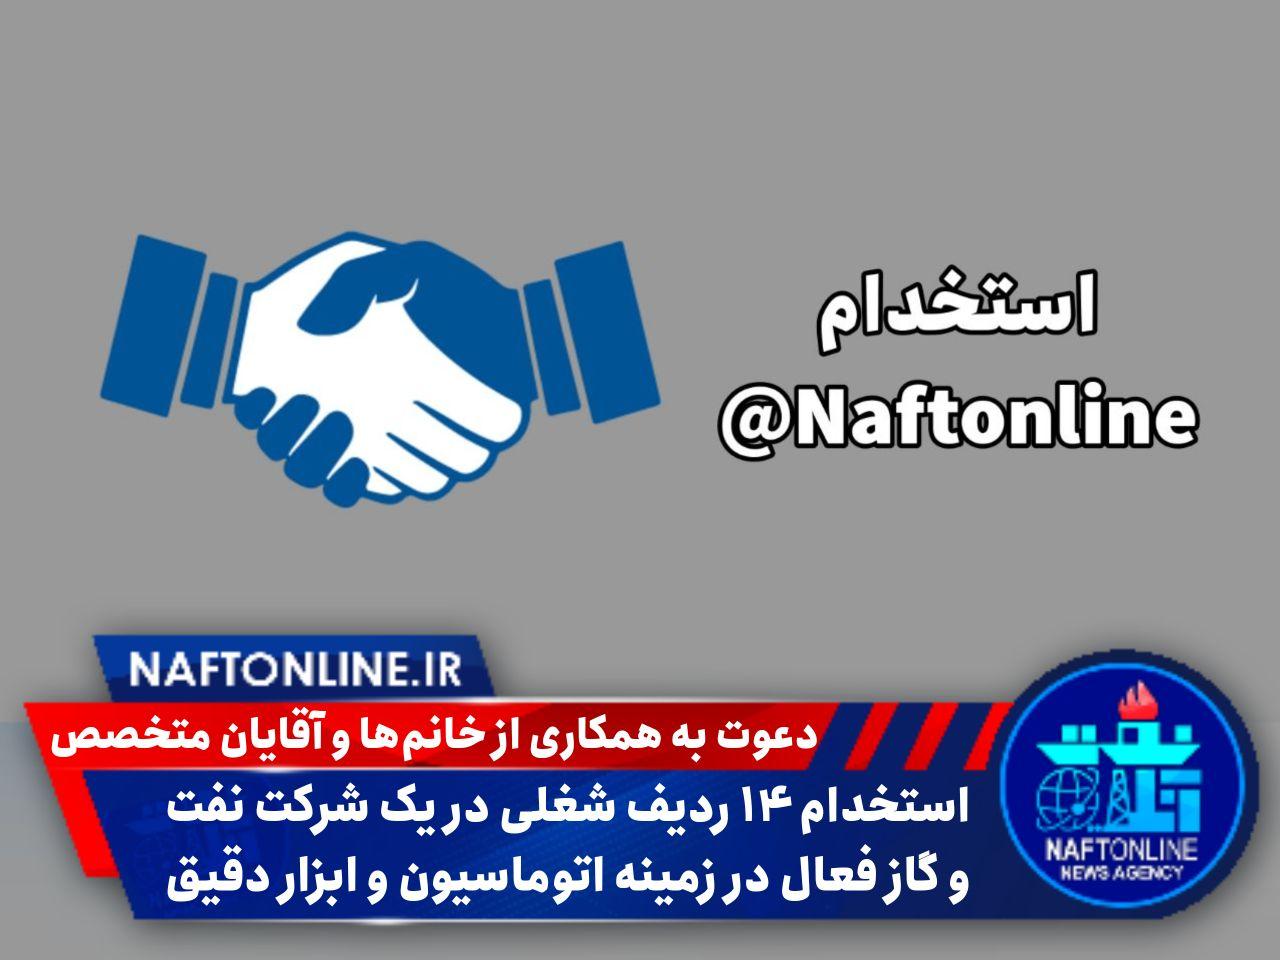 اخبار استخدامی   نفت آنلاین   شرکت فعال در زمینه ابزار دقیق و اتوماسیون